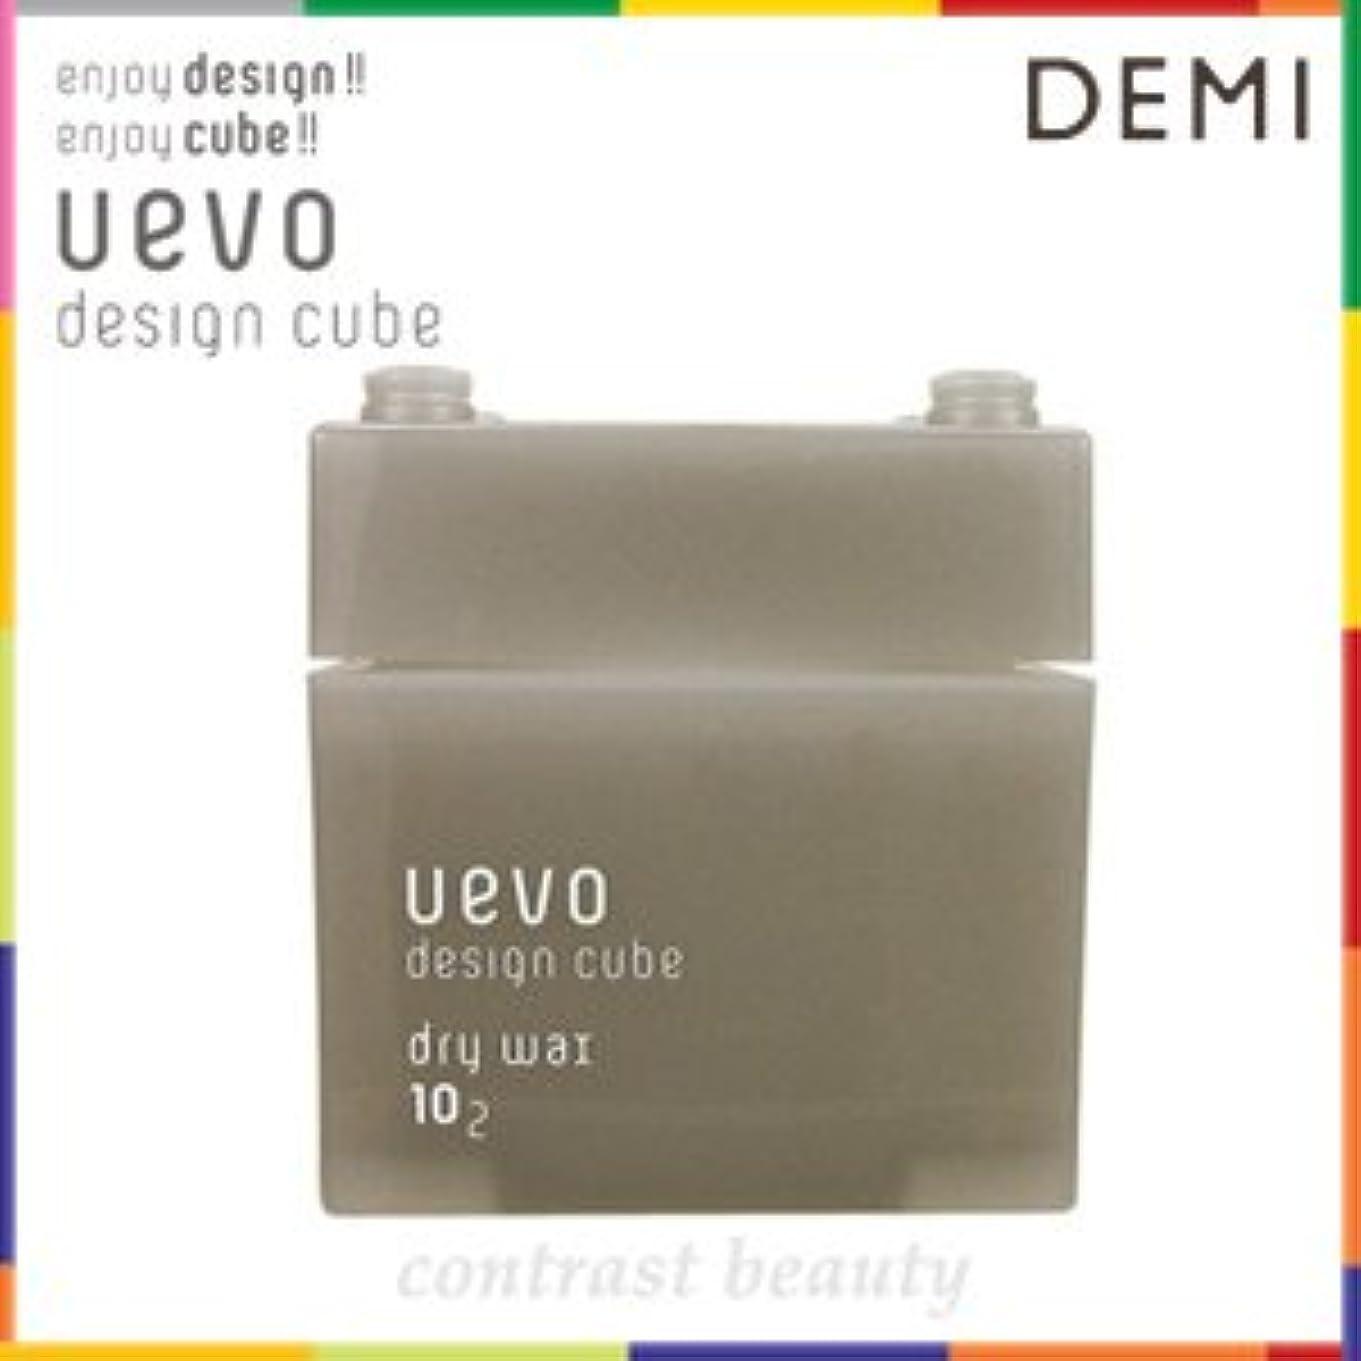 象棚理容室【X4個セット】 デミ ウェーボ デザインキューブ ドライワックス 80g dry wax DEMI uevo design cube